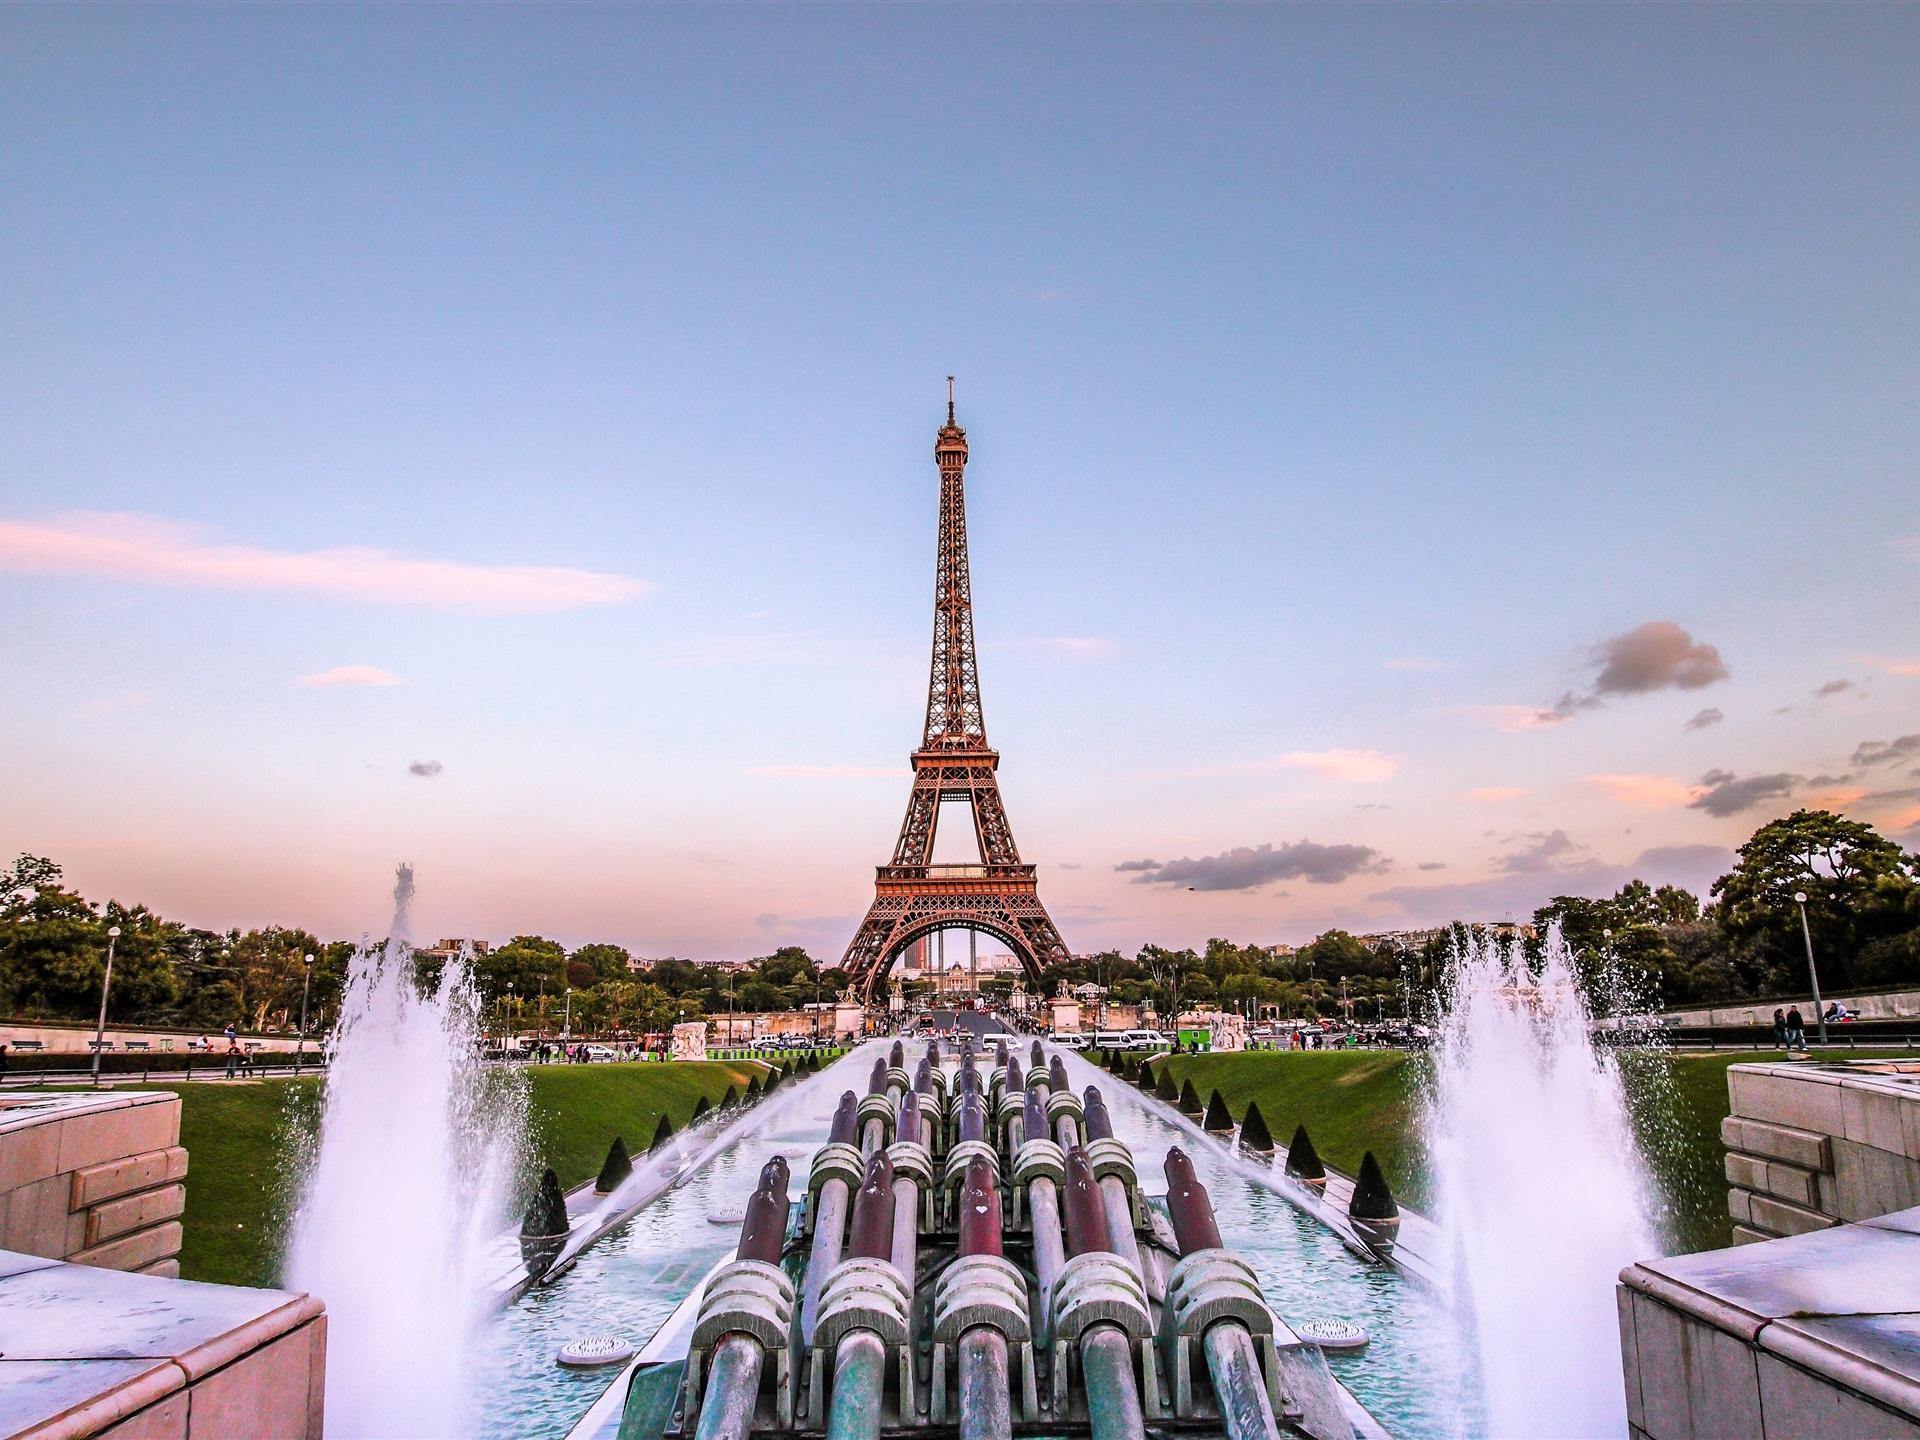 купить картинки фонтан в париже удивительное животное, объединившее